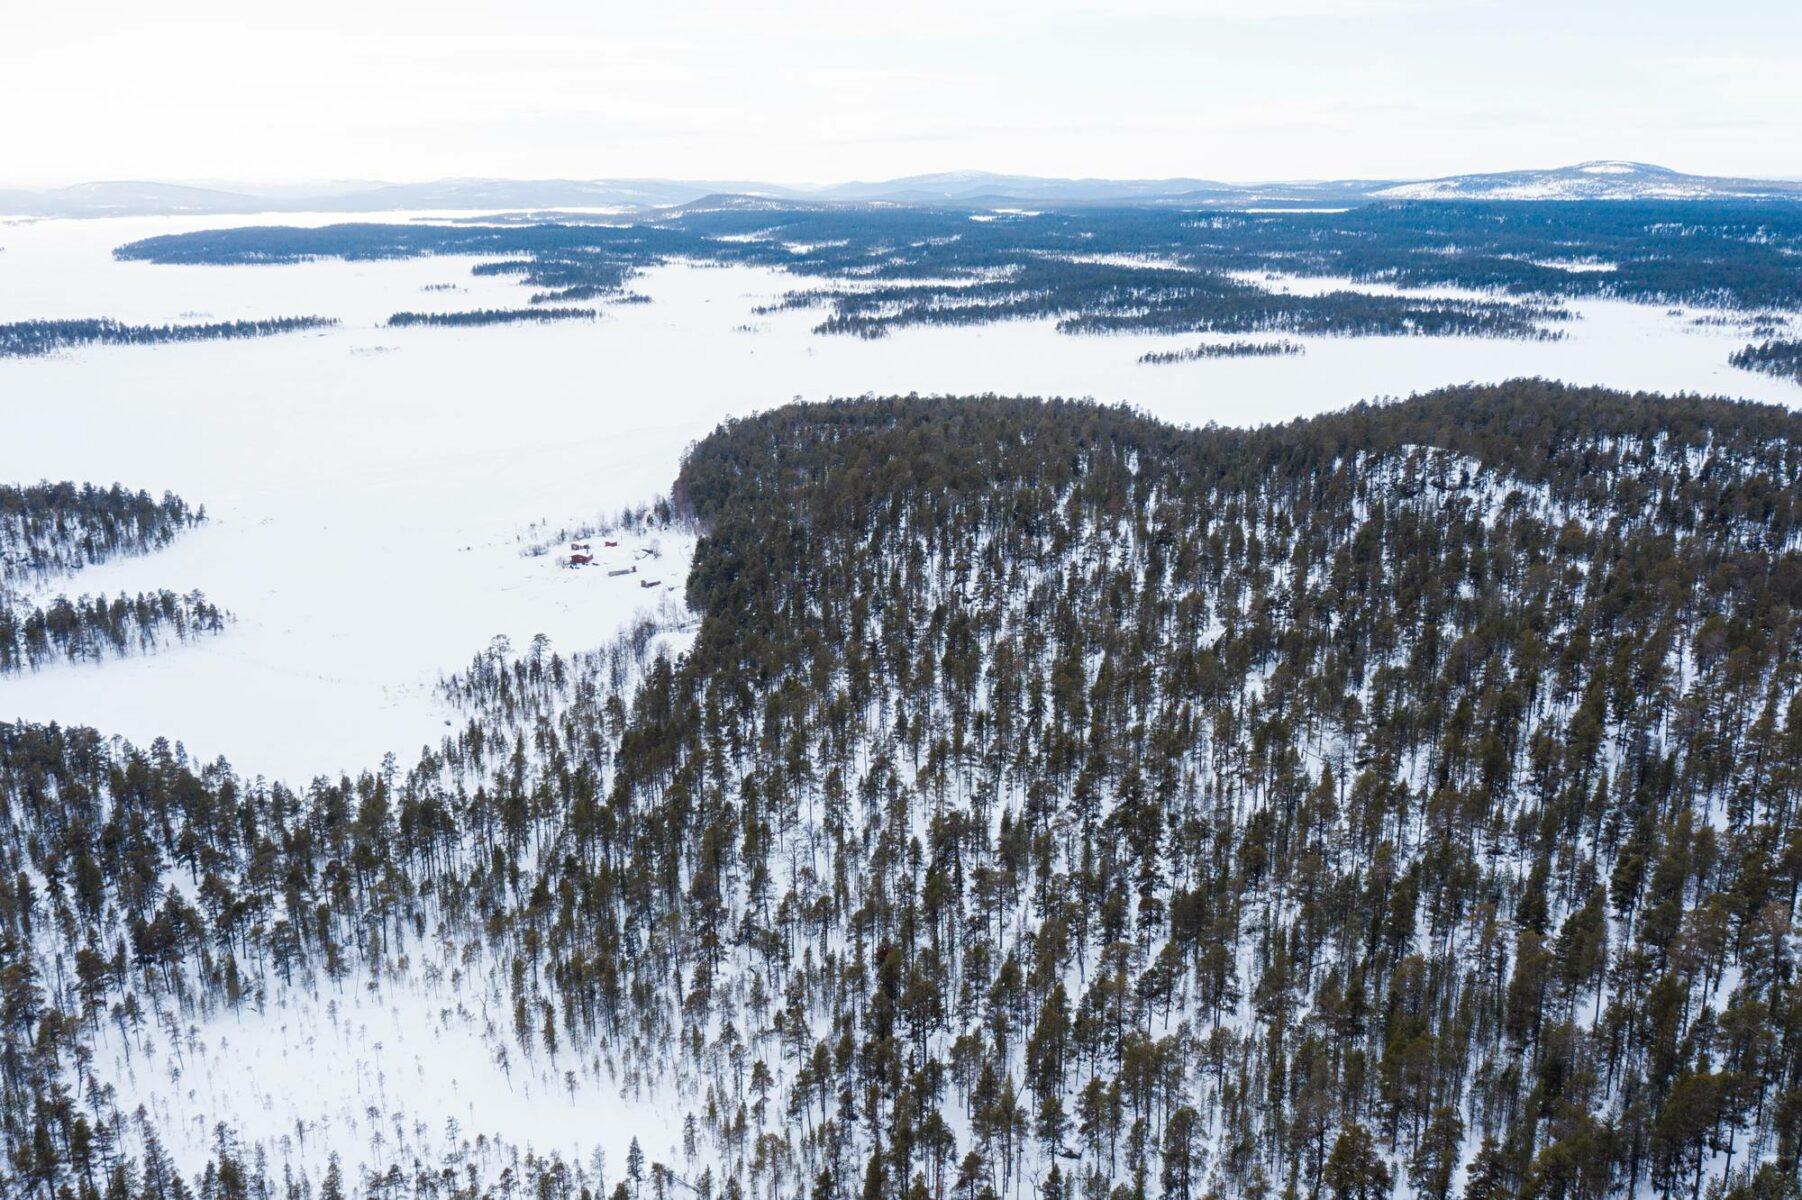 Lapin ikimetsien puita Inarin yhteismetsästä matkalla haketettavaksi lämpö- ja sähköenergiaksi Inergia Oy:n varastoalueella Ivalon Lintumaan teollisuusalueella 3.3.2021.